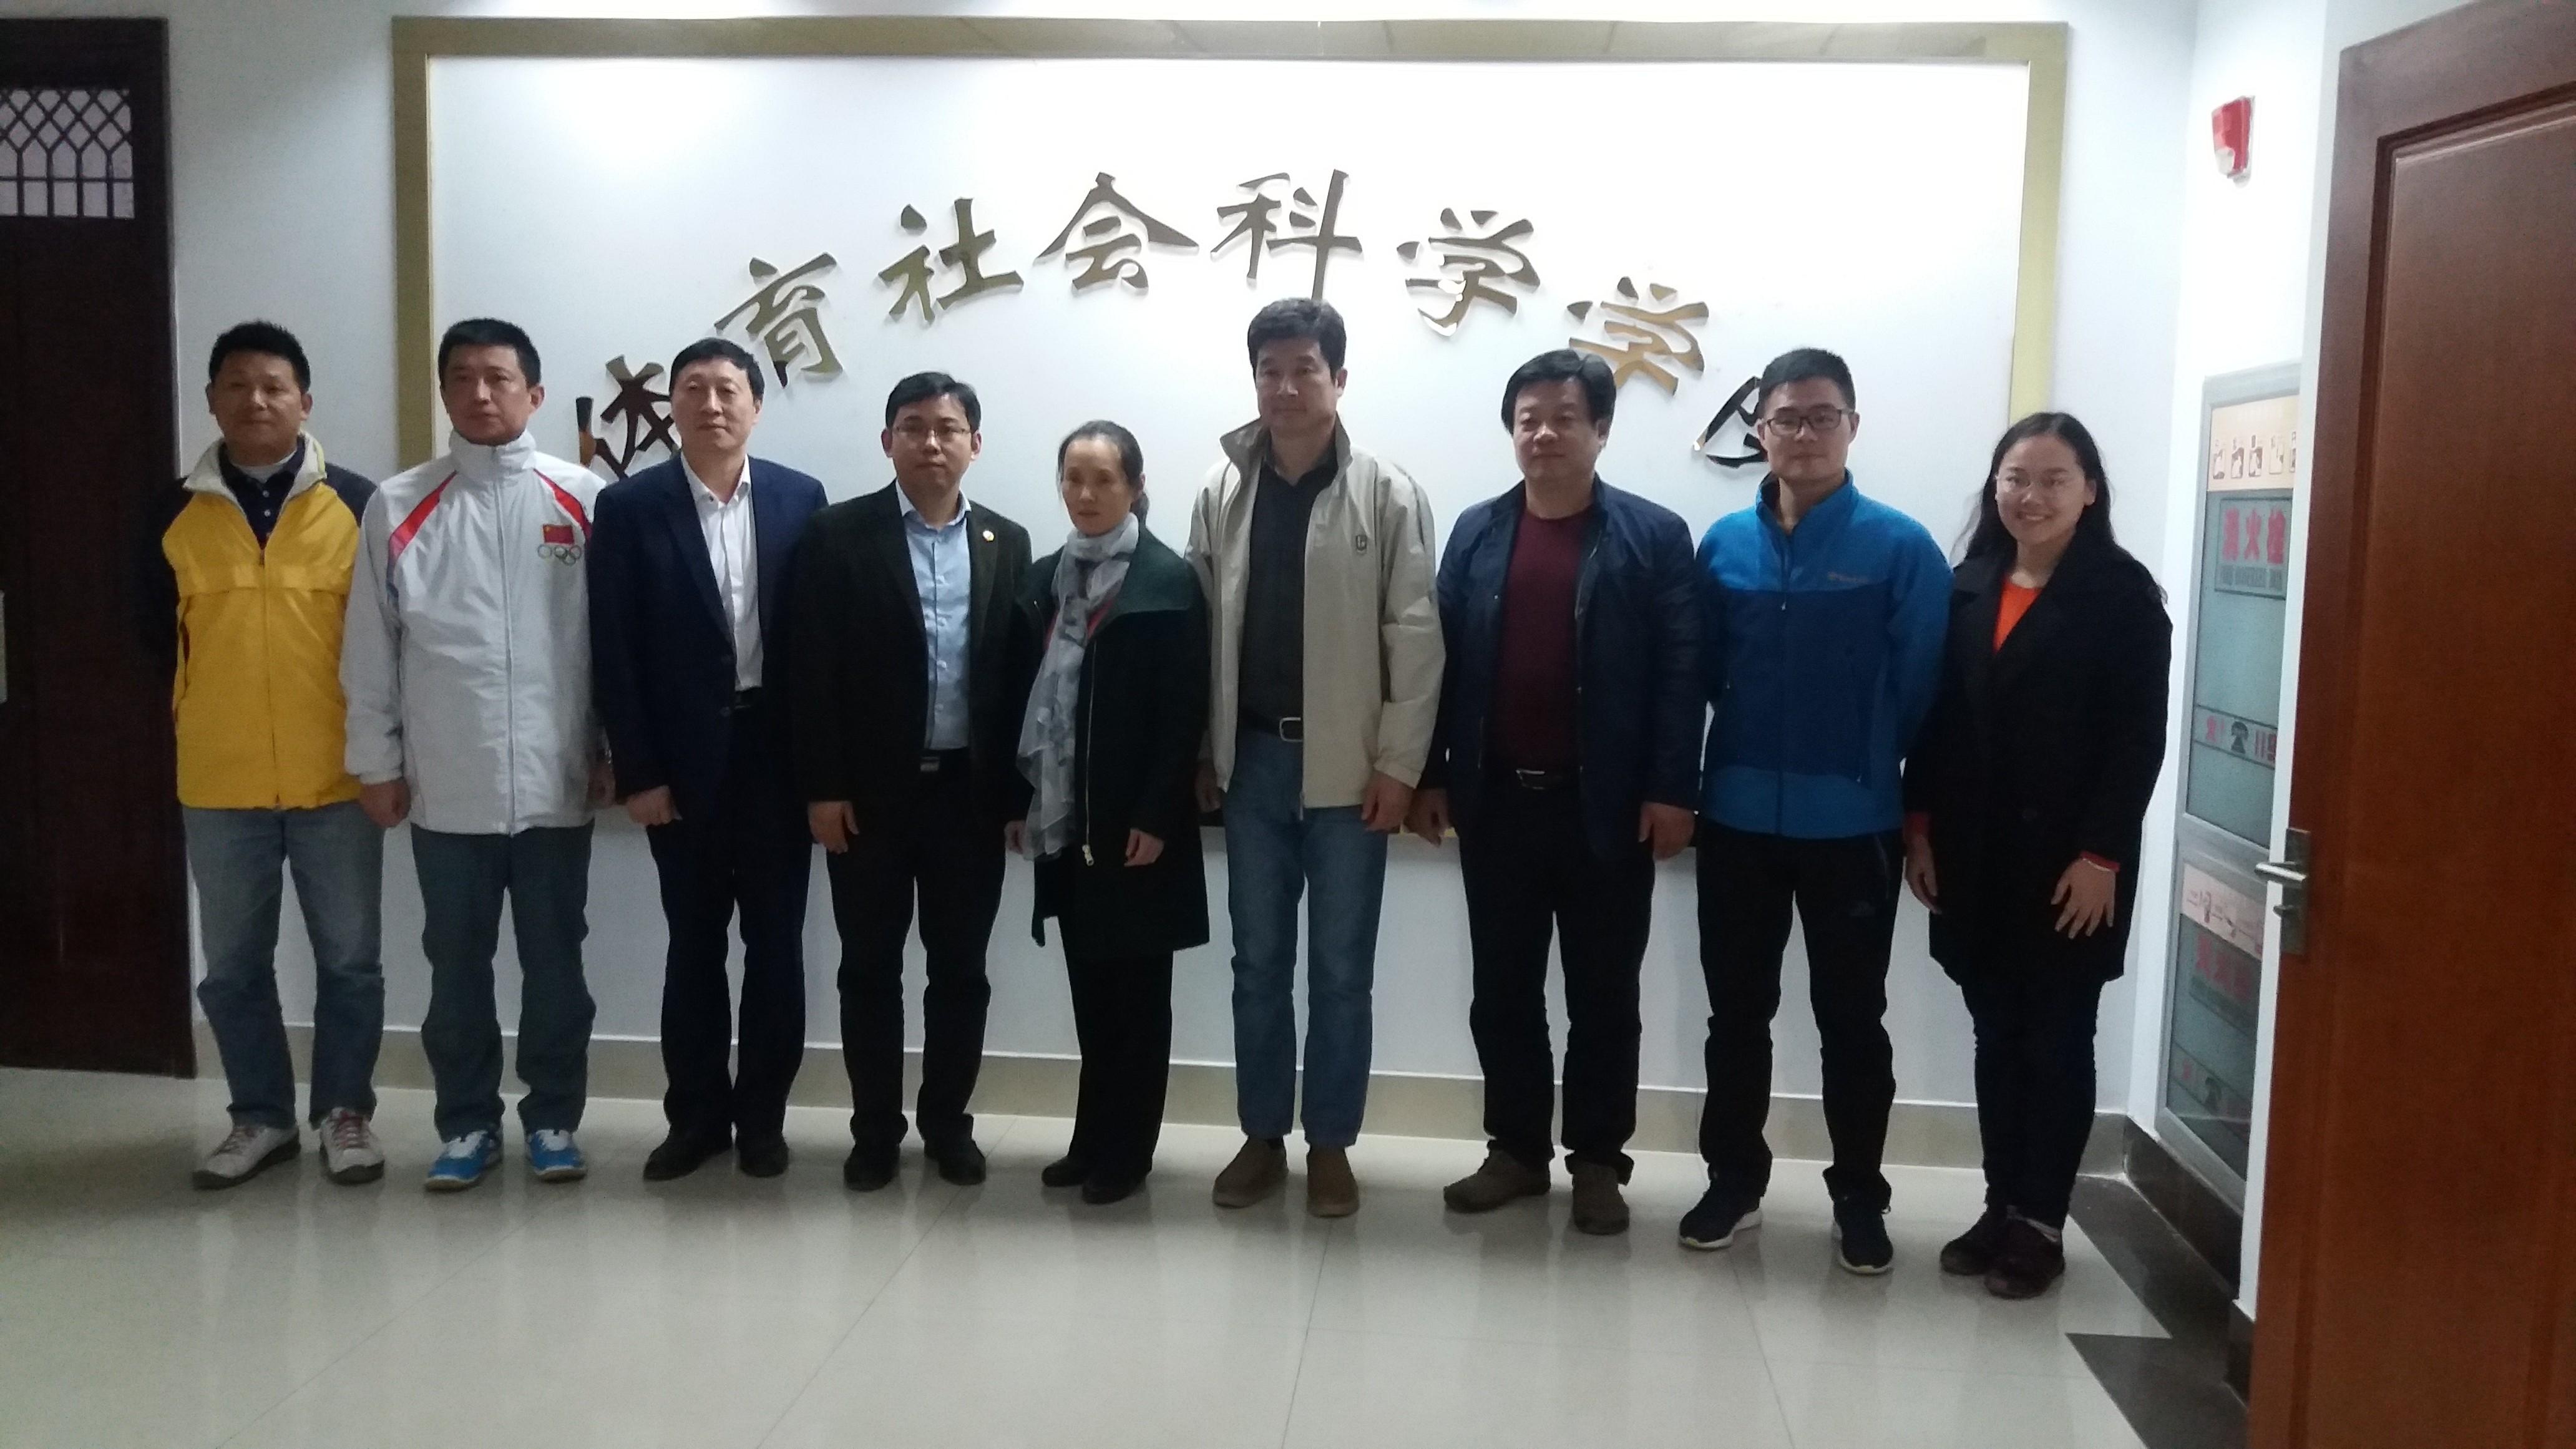 南京体育学院休闲体育系来我院交流学习